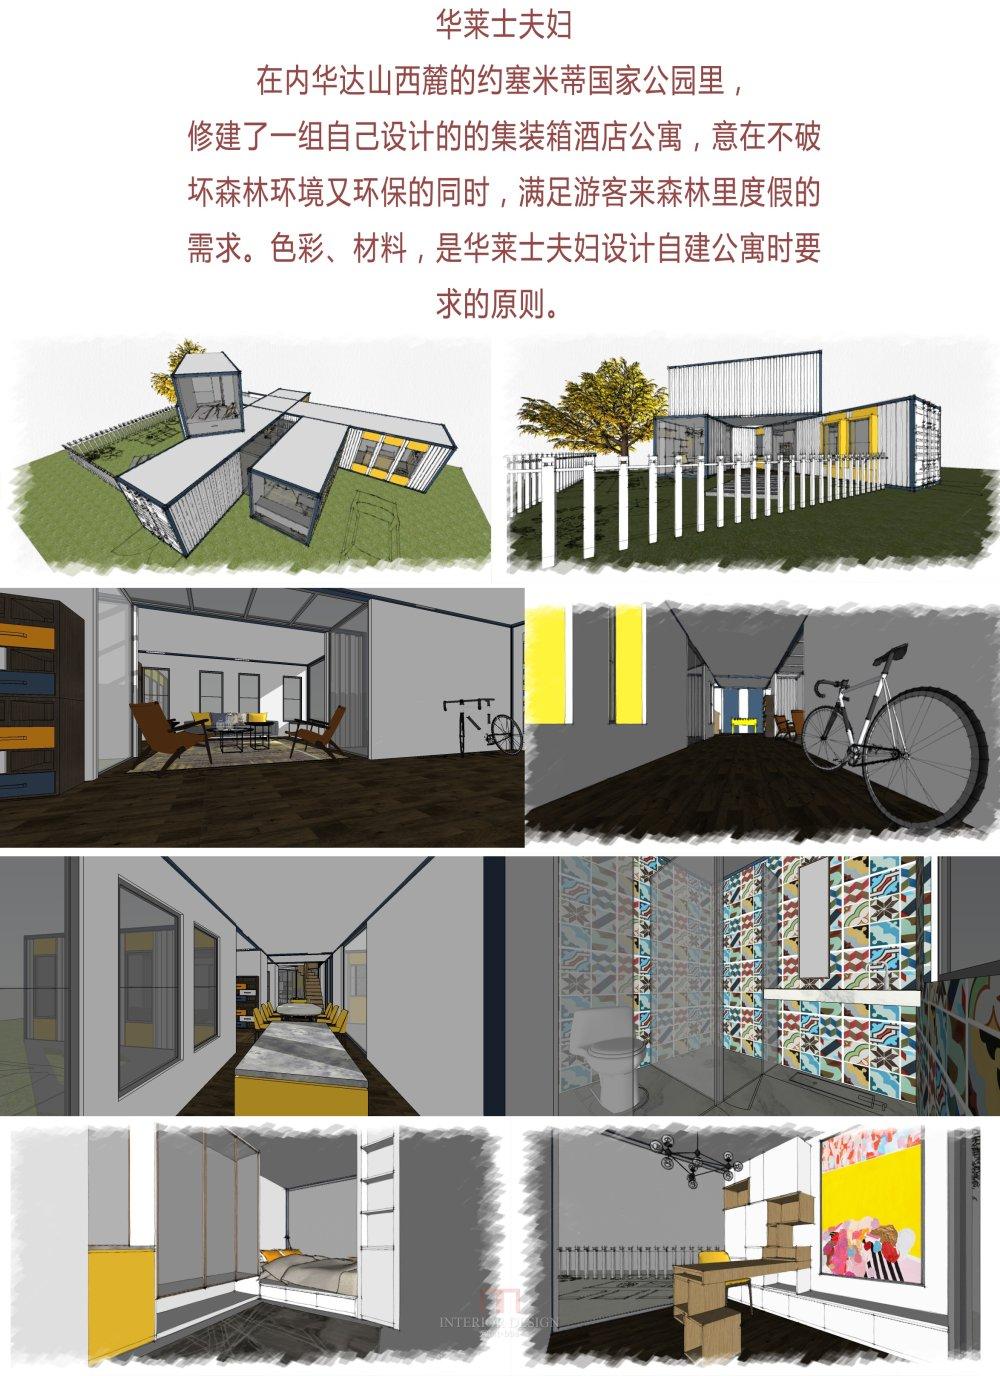 【第16期-住宅平面优化】一个集装箱住宅12套方案 投票奖励DB_05-2.jpg